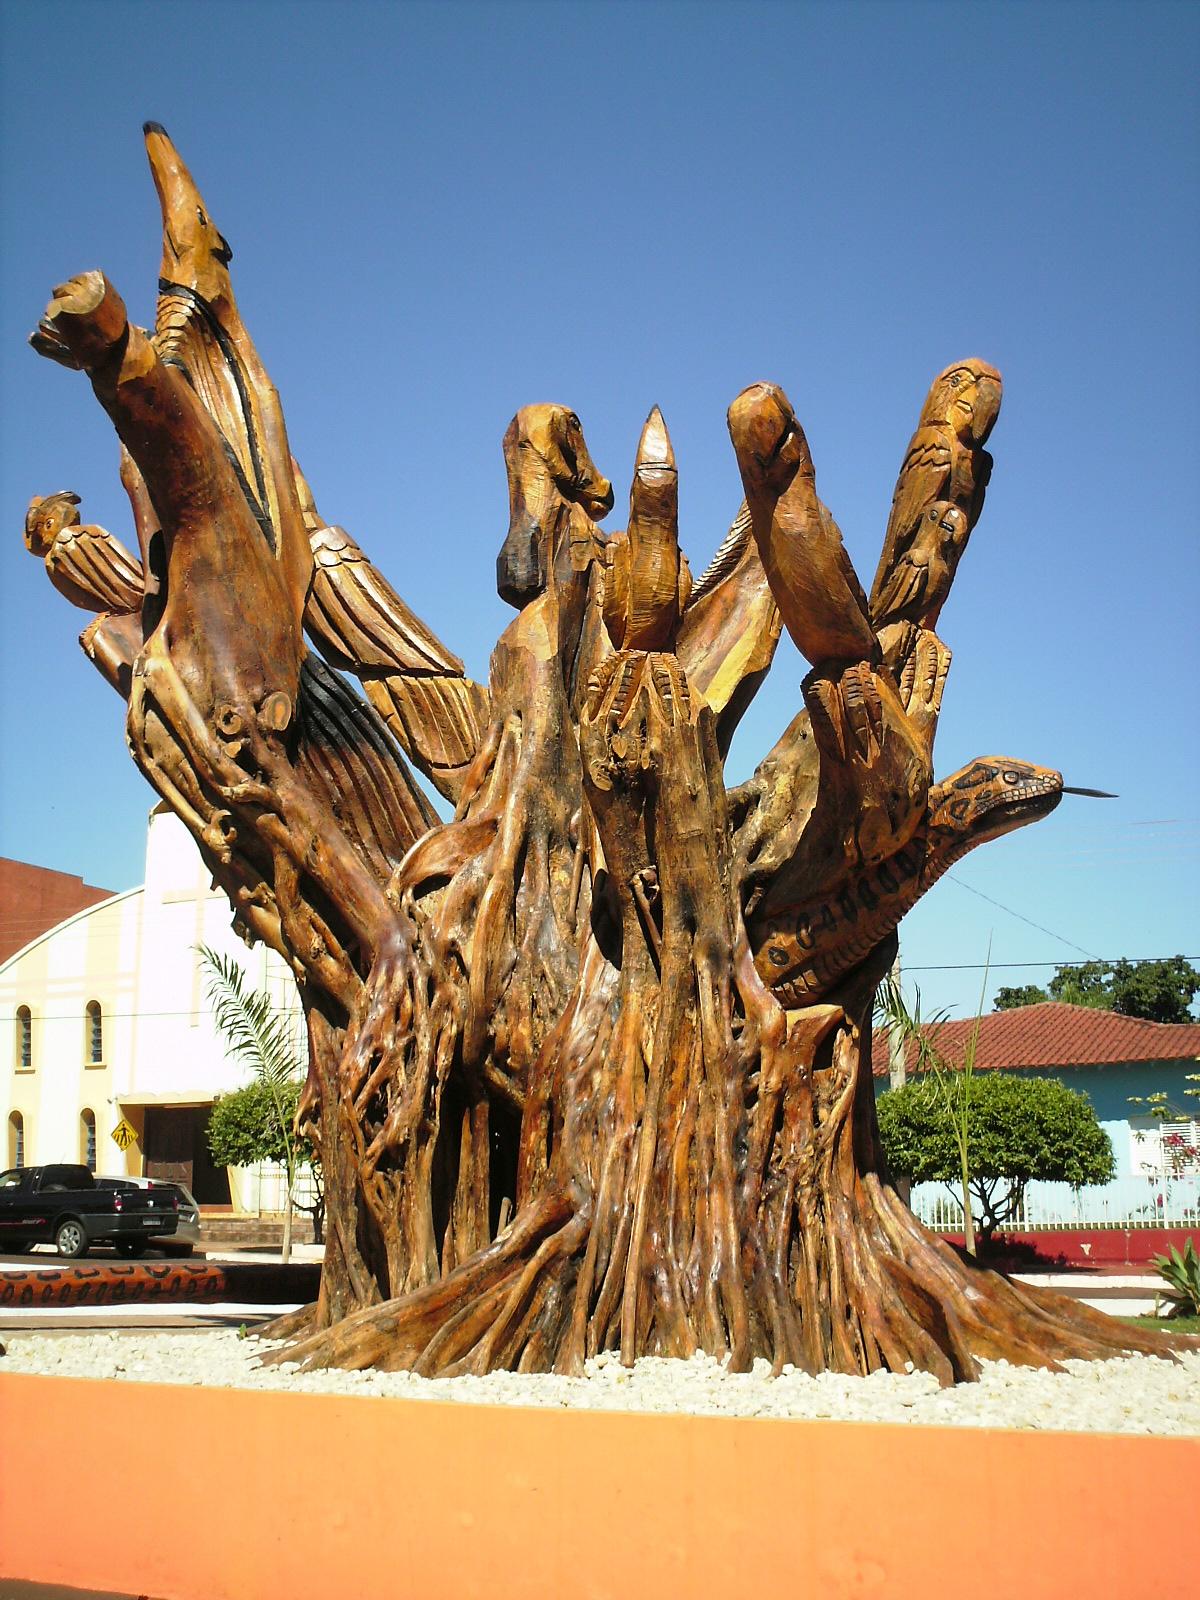 Morre a árvore, nasce a arte